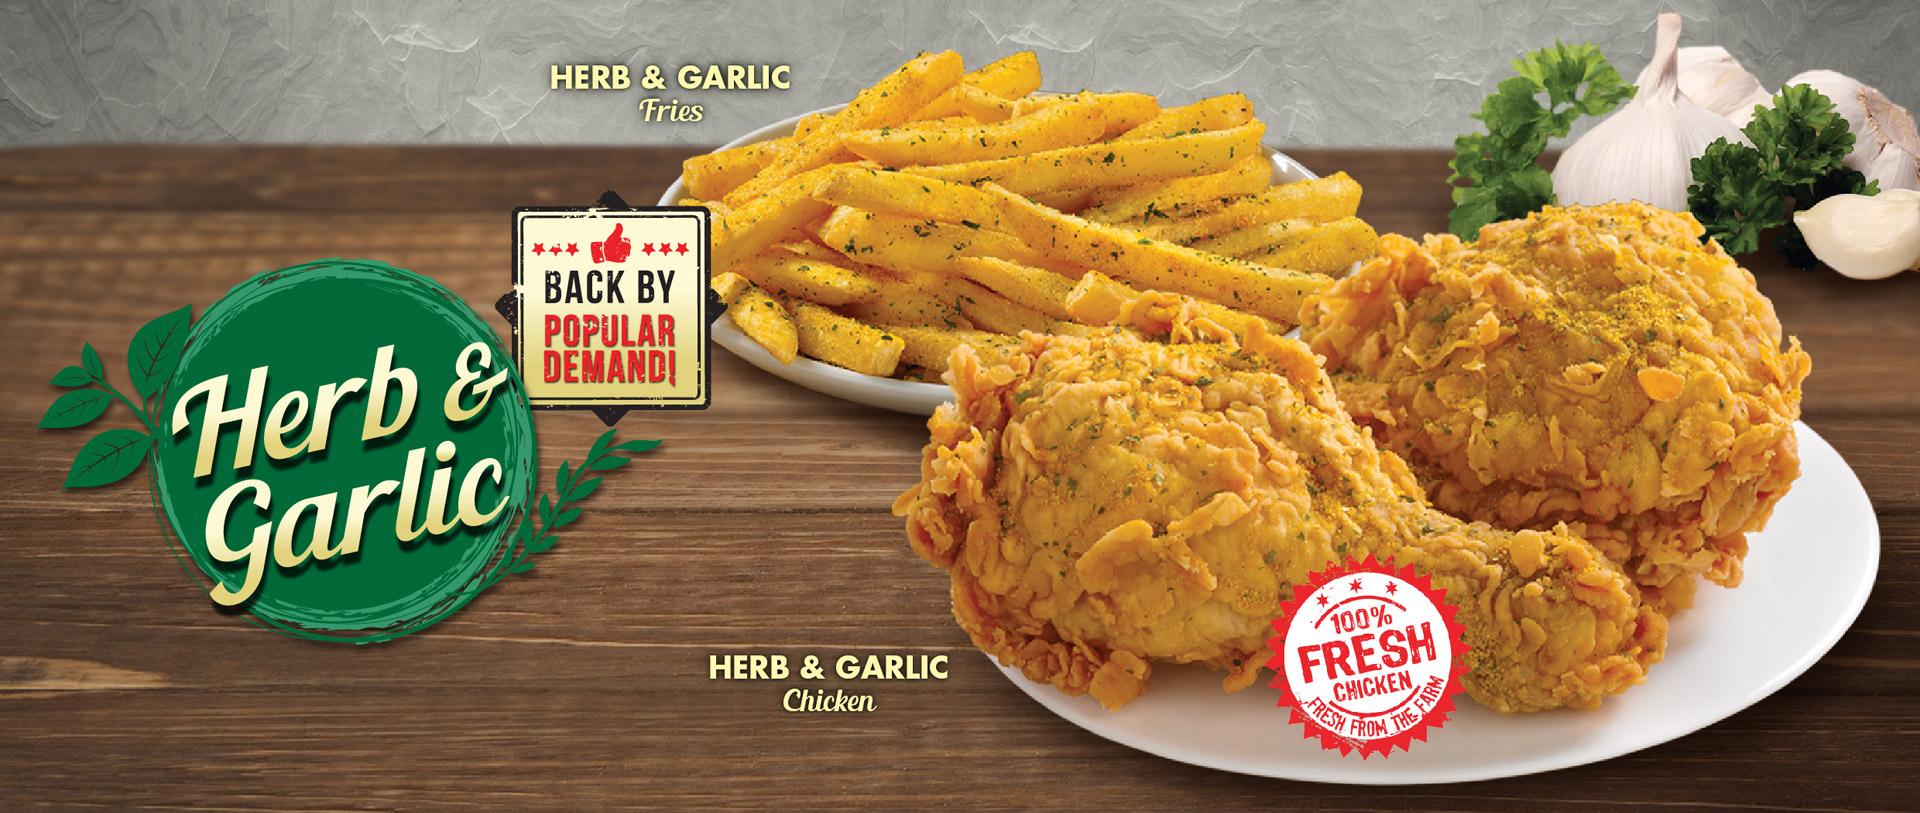 Texas Chicken Promotions: Herb & Garlic Chicken & Fries. Back by popular demand! 100% fresh chicken